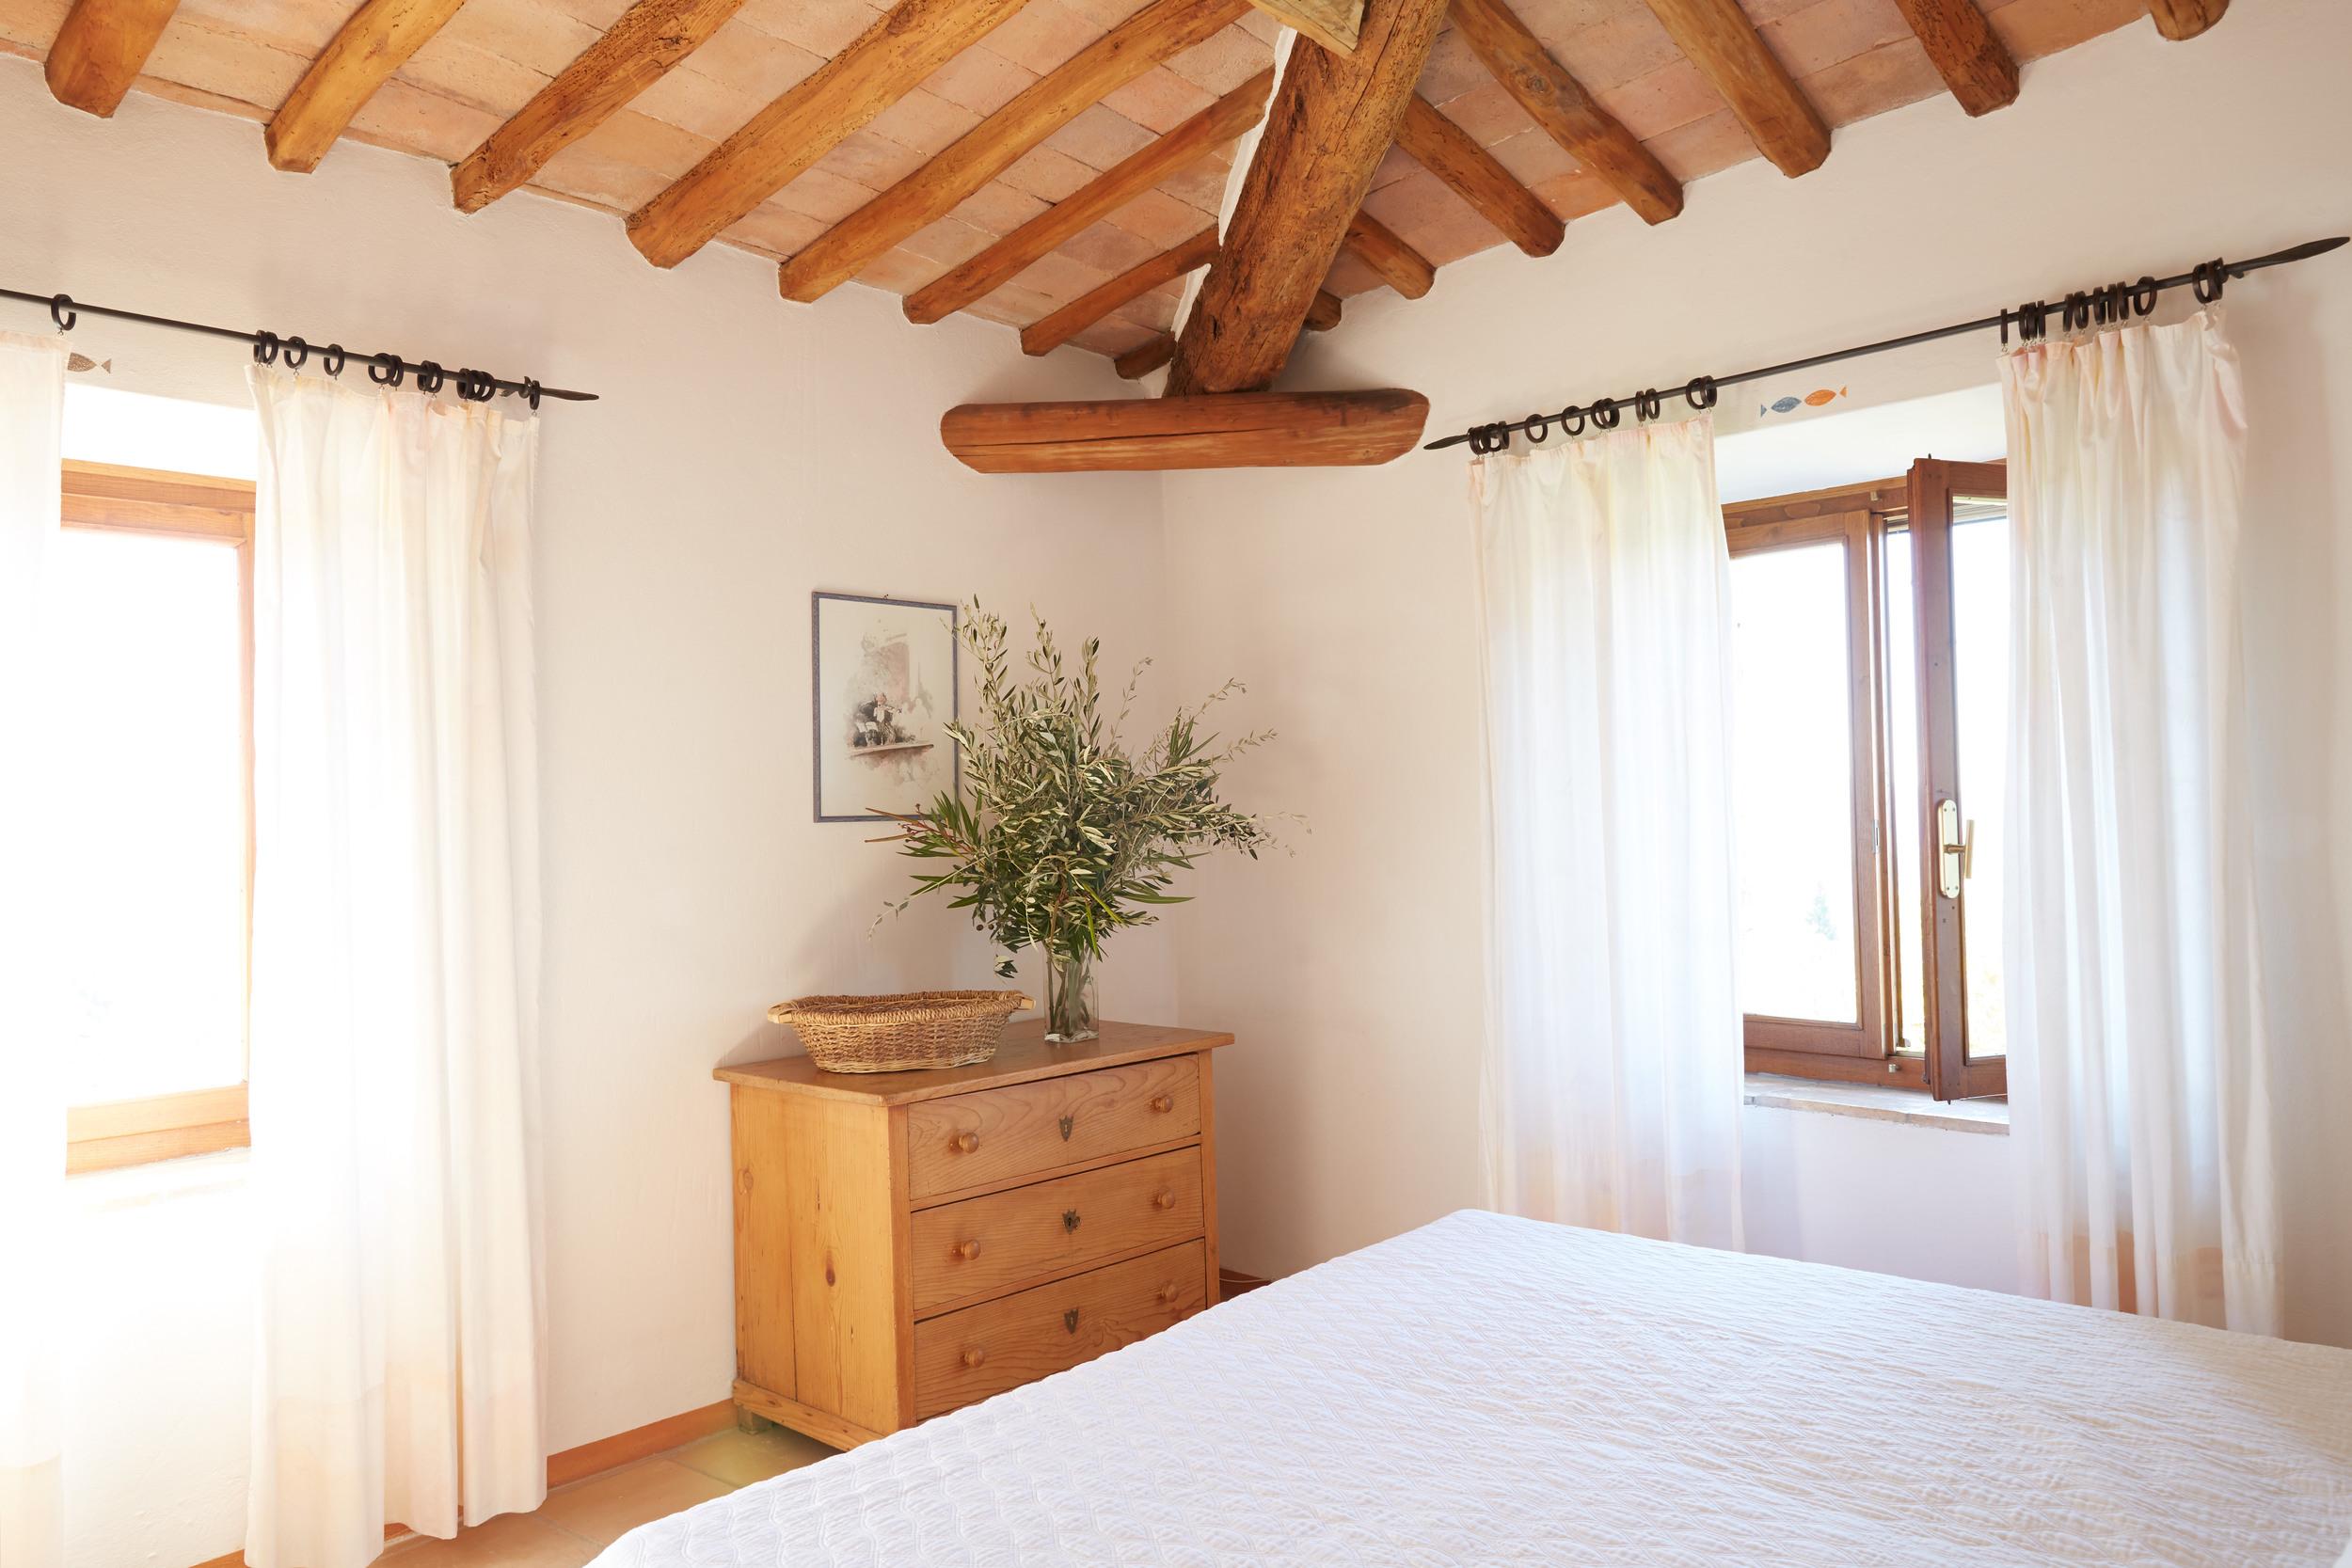 Die stimmungsvolle Wohnung mit wunderschöner Aussicht, für 2 Personen. Ab 99 €/Tag (Off-Saison)